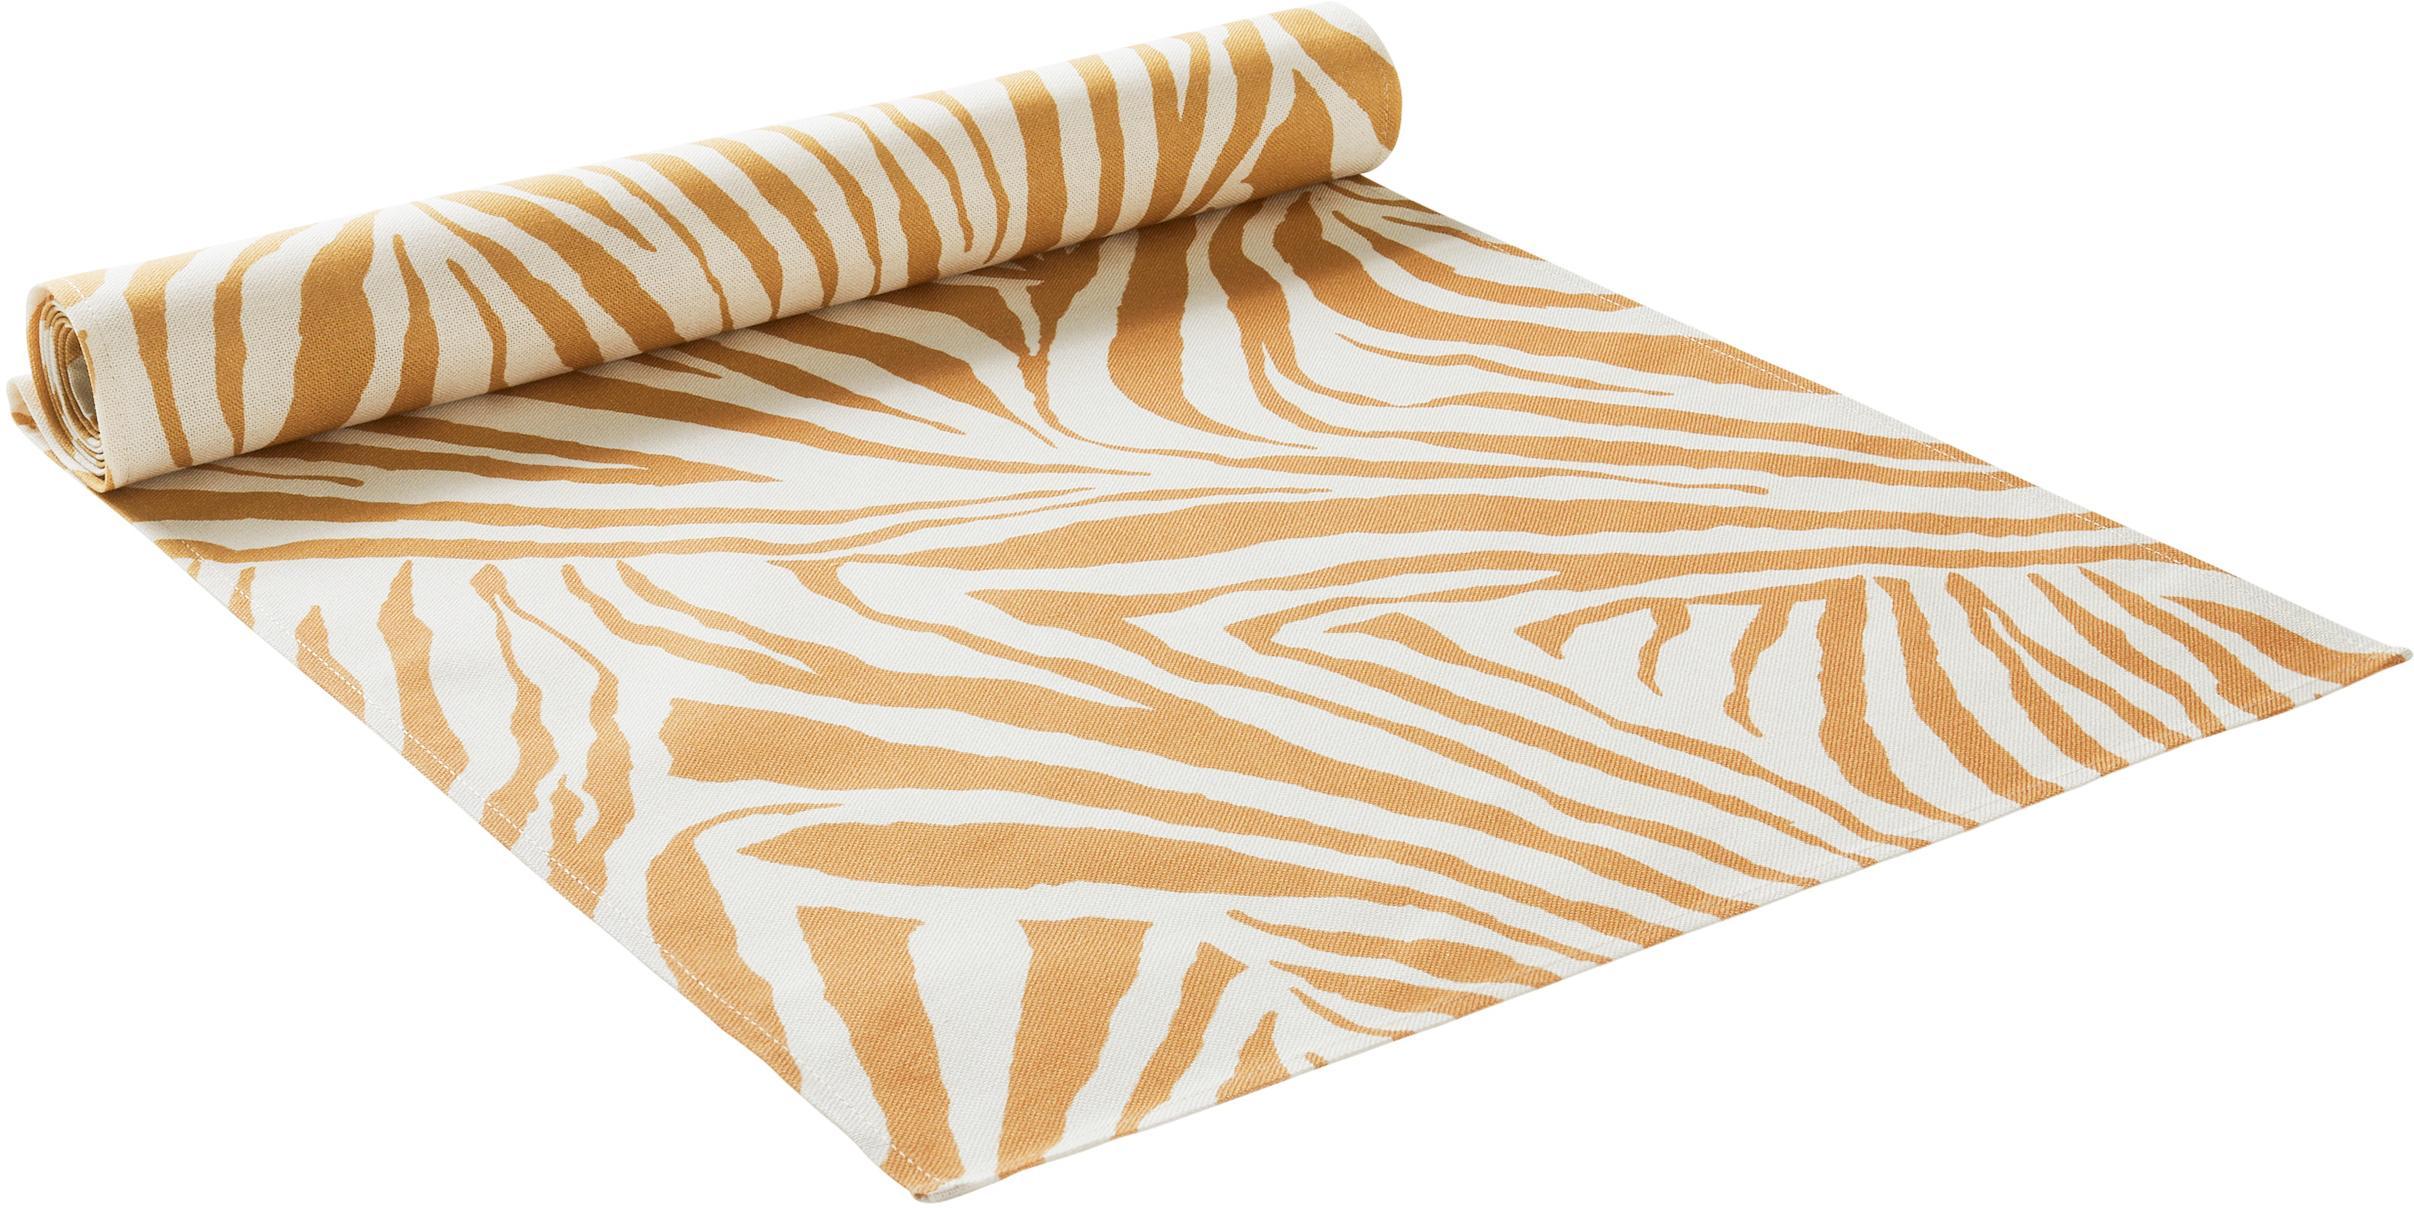 Bieżnik Zadie, 100% bawełna pochodząca ze zrównoważonych upraw, Musztardowy, kremowobiały, D 40 x S 140 cm